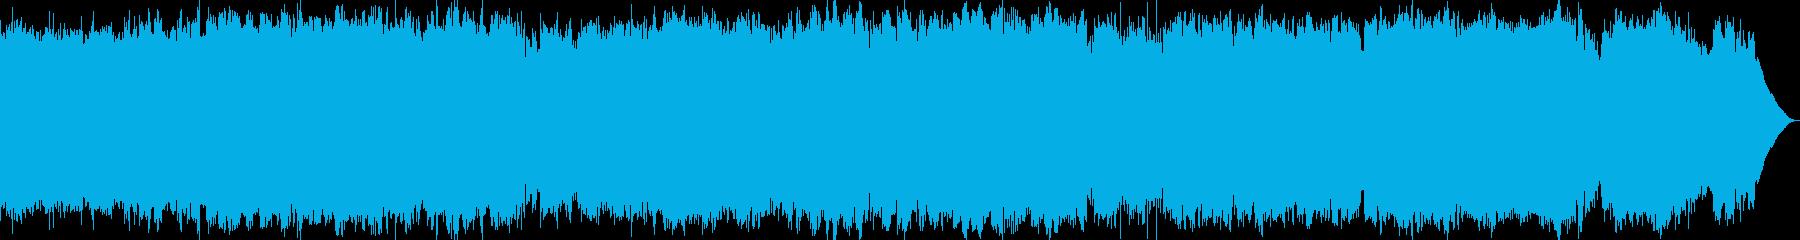 オリエンタルフレアを持つ大気の新し...の再生済みの波形